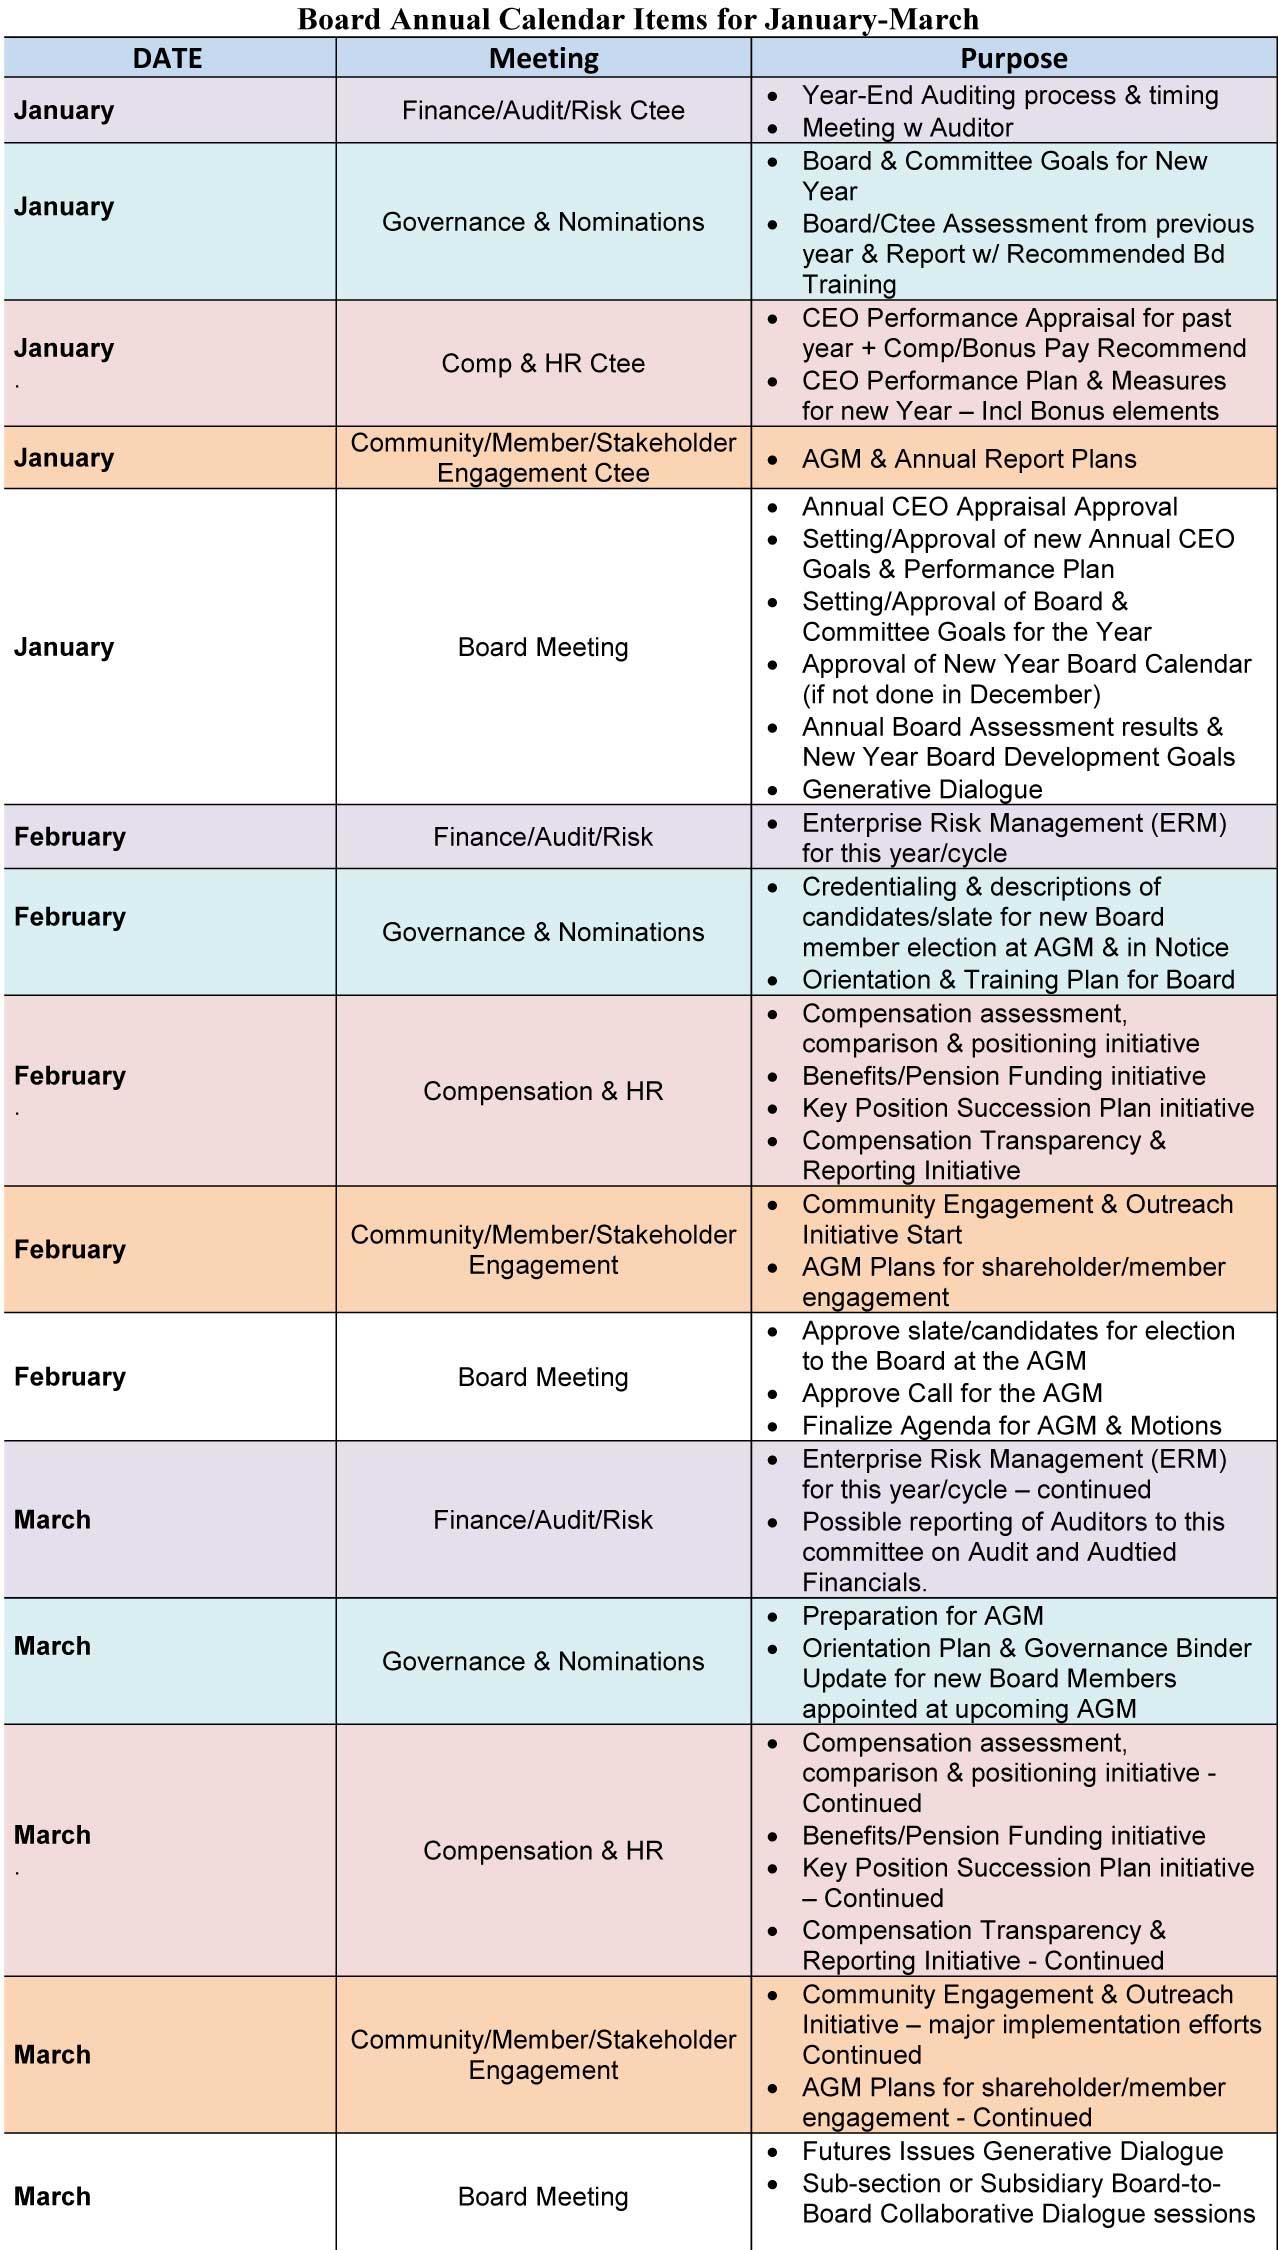 Board Calendar Items For May Doug Macnamara Cmc Chrl Pulse3abry